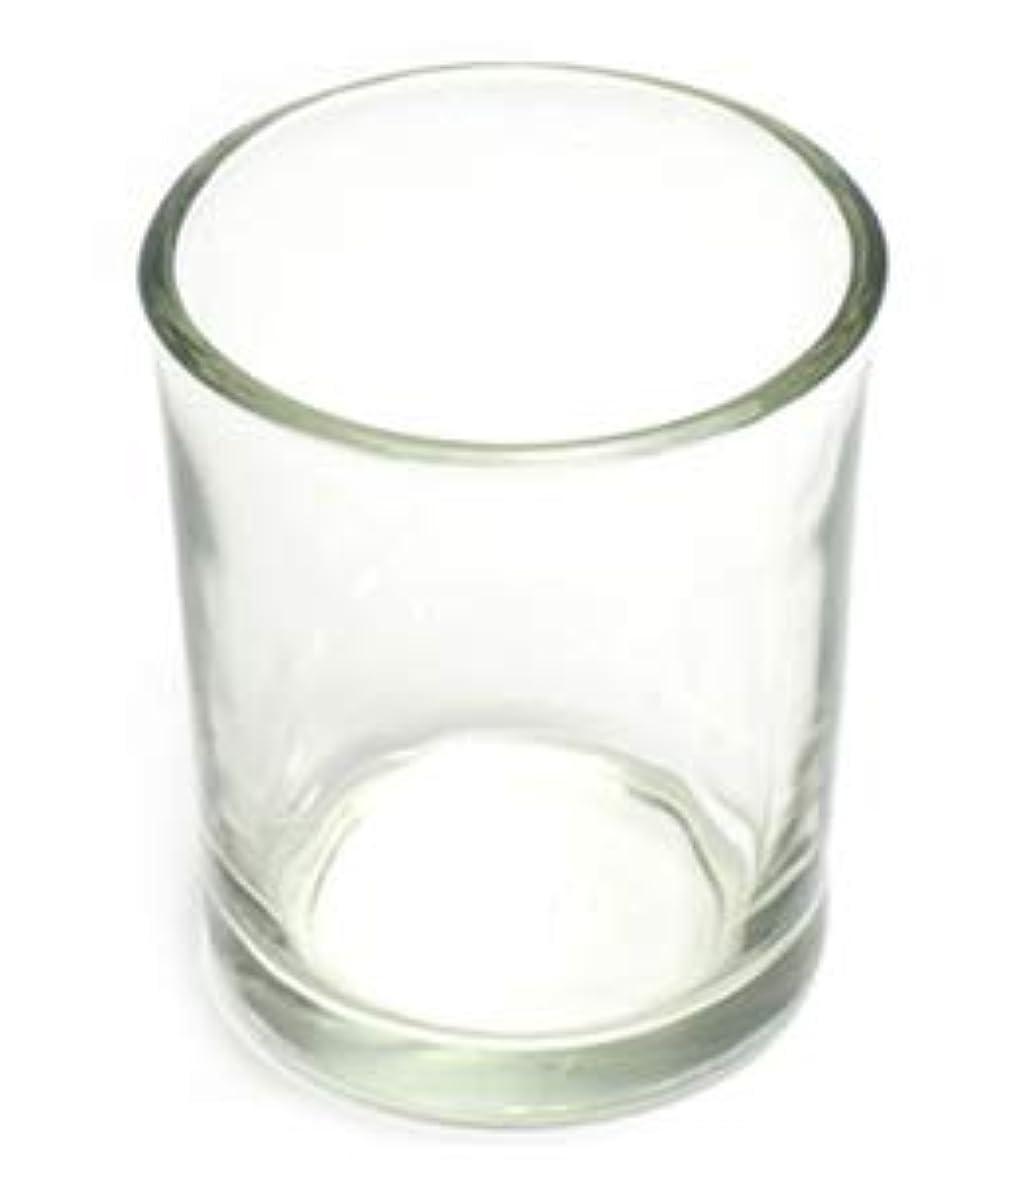 ソビエトしない機構キャンドルホルダー ガラス シンプル[小] 1個 キャンドルスタンド 透明 クリア おしゃれ ろうそく立て